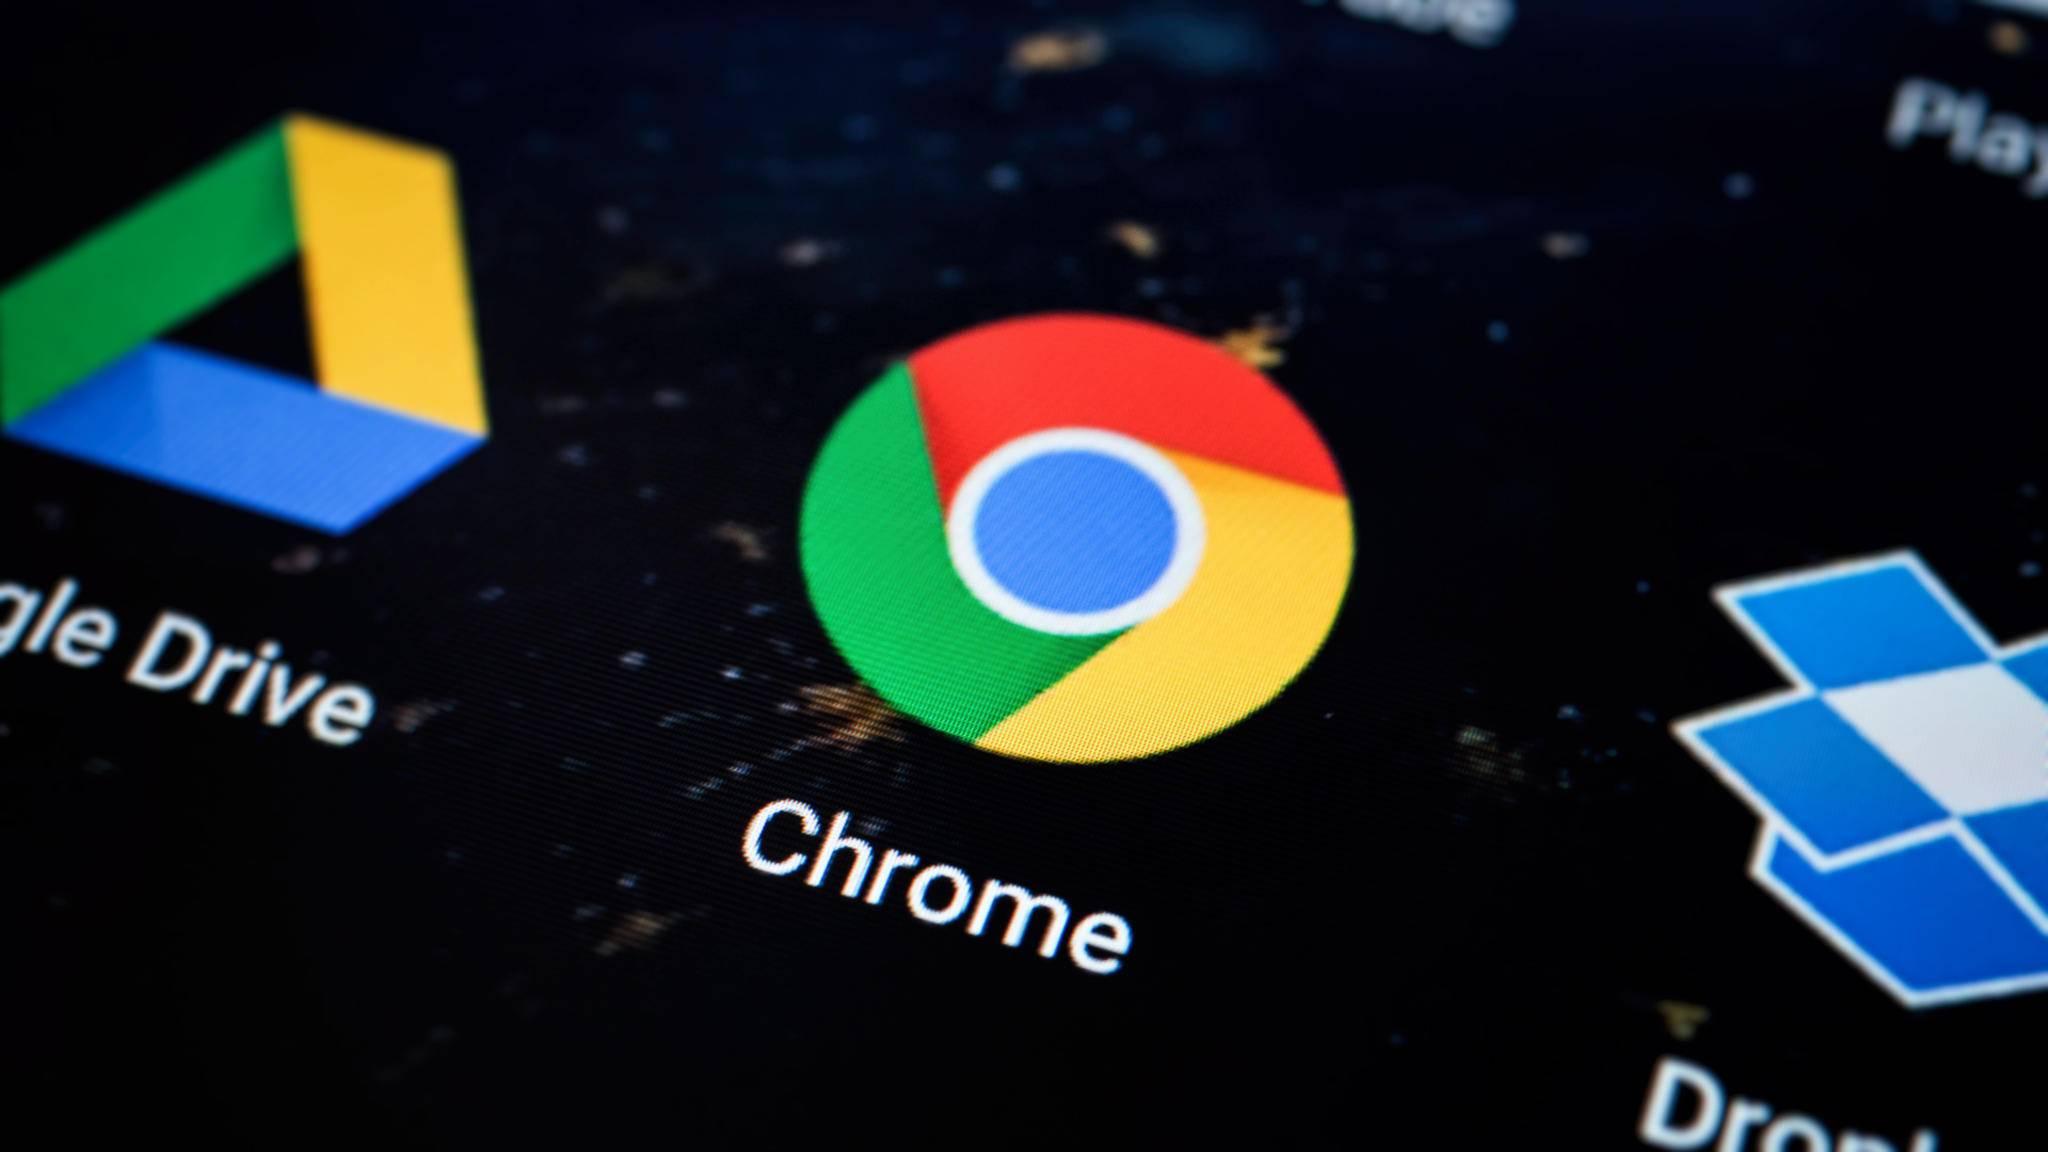 Chrome filtert in Zukunft nervige Werbung aus dem Internet.